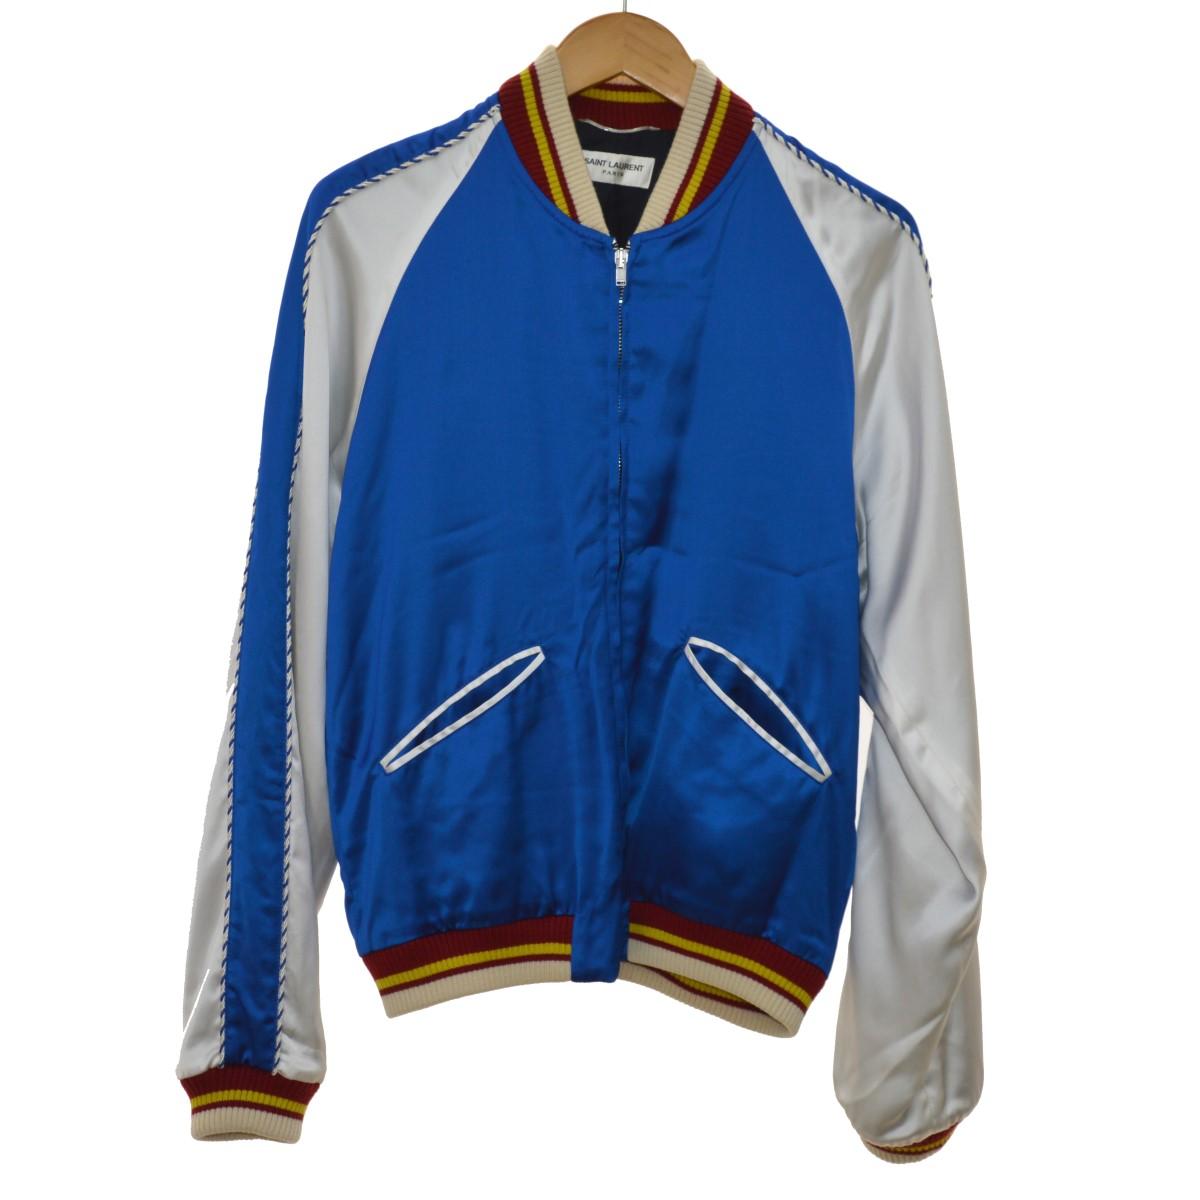 【中古】SAINT LAURENT PARIS 14SS サテンテディジャケット スカジャン ブルー サイズ:46 【290320】(サンローランパリ)